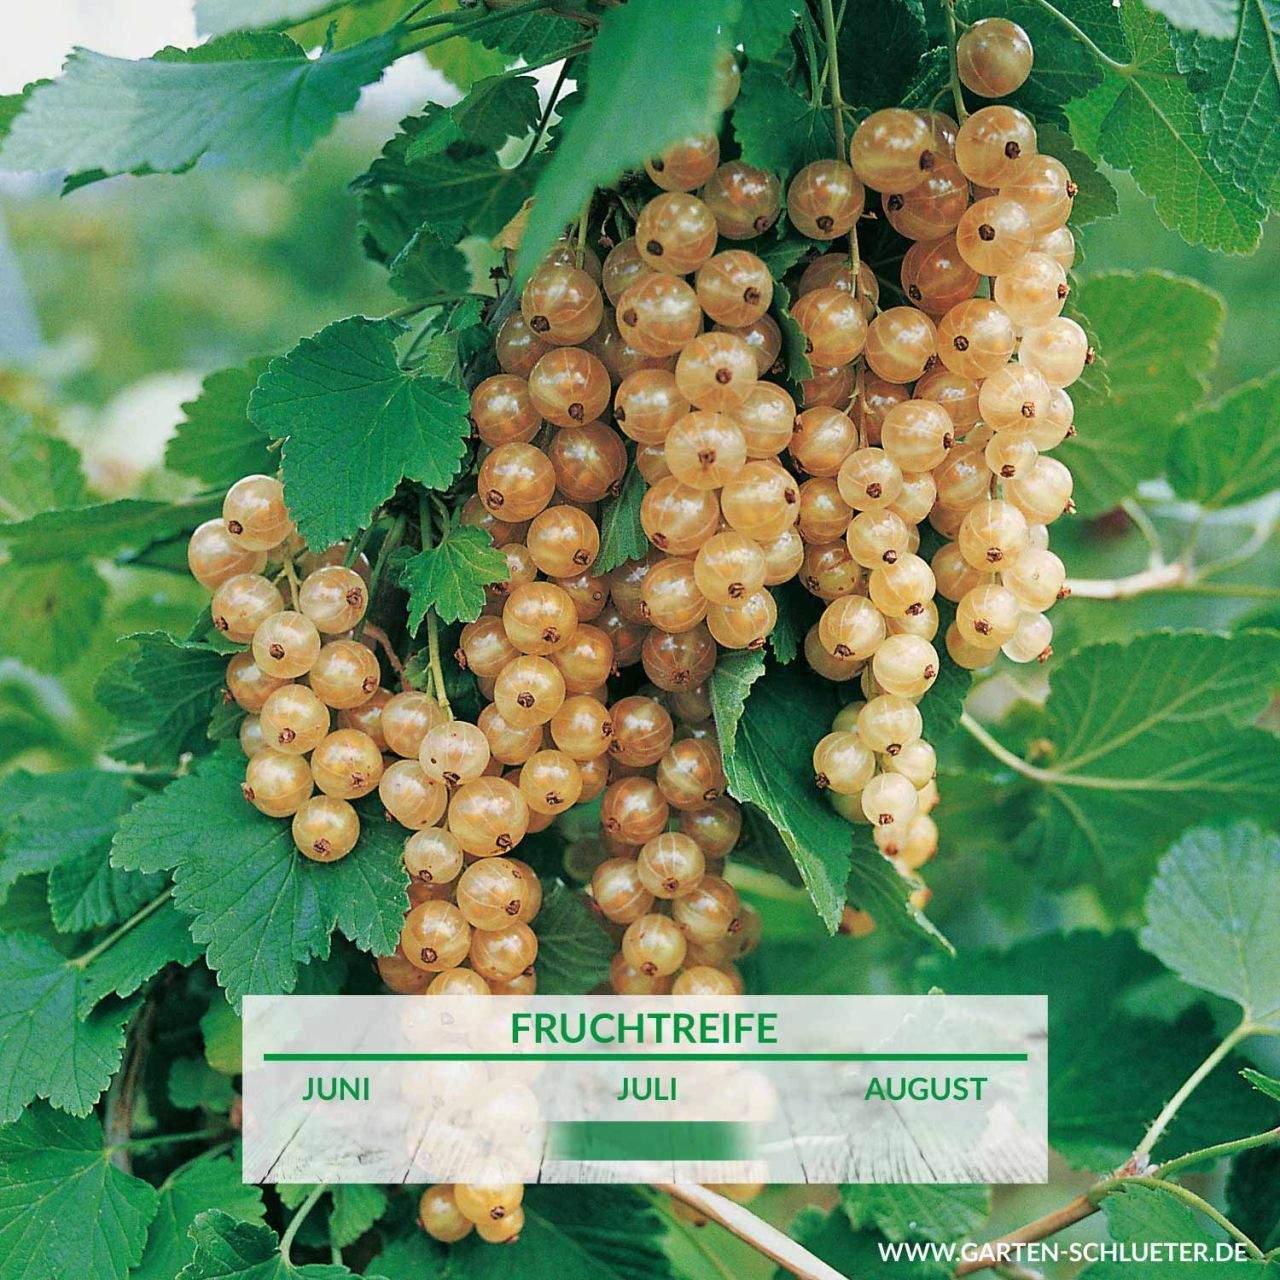 1 Weisse Johannisbeere Weisse Versailler Busch Ribes rubrum sativa Weisse VersaillereGMTMPLxoChGO 1280x1280